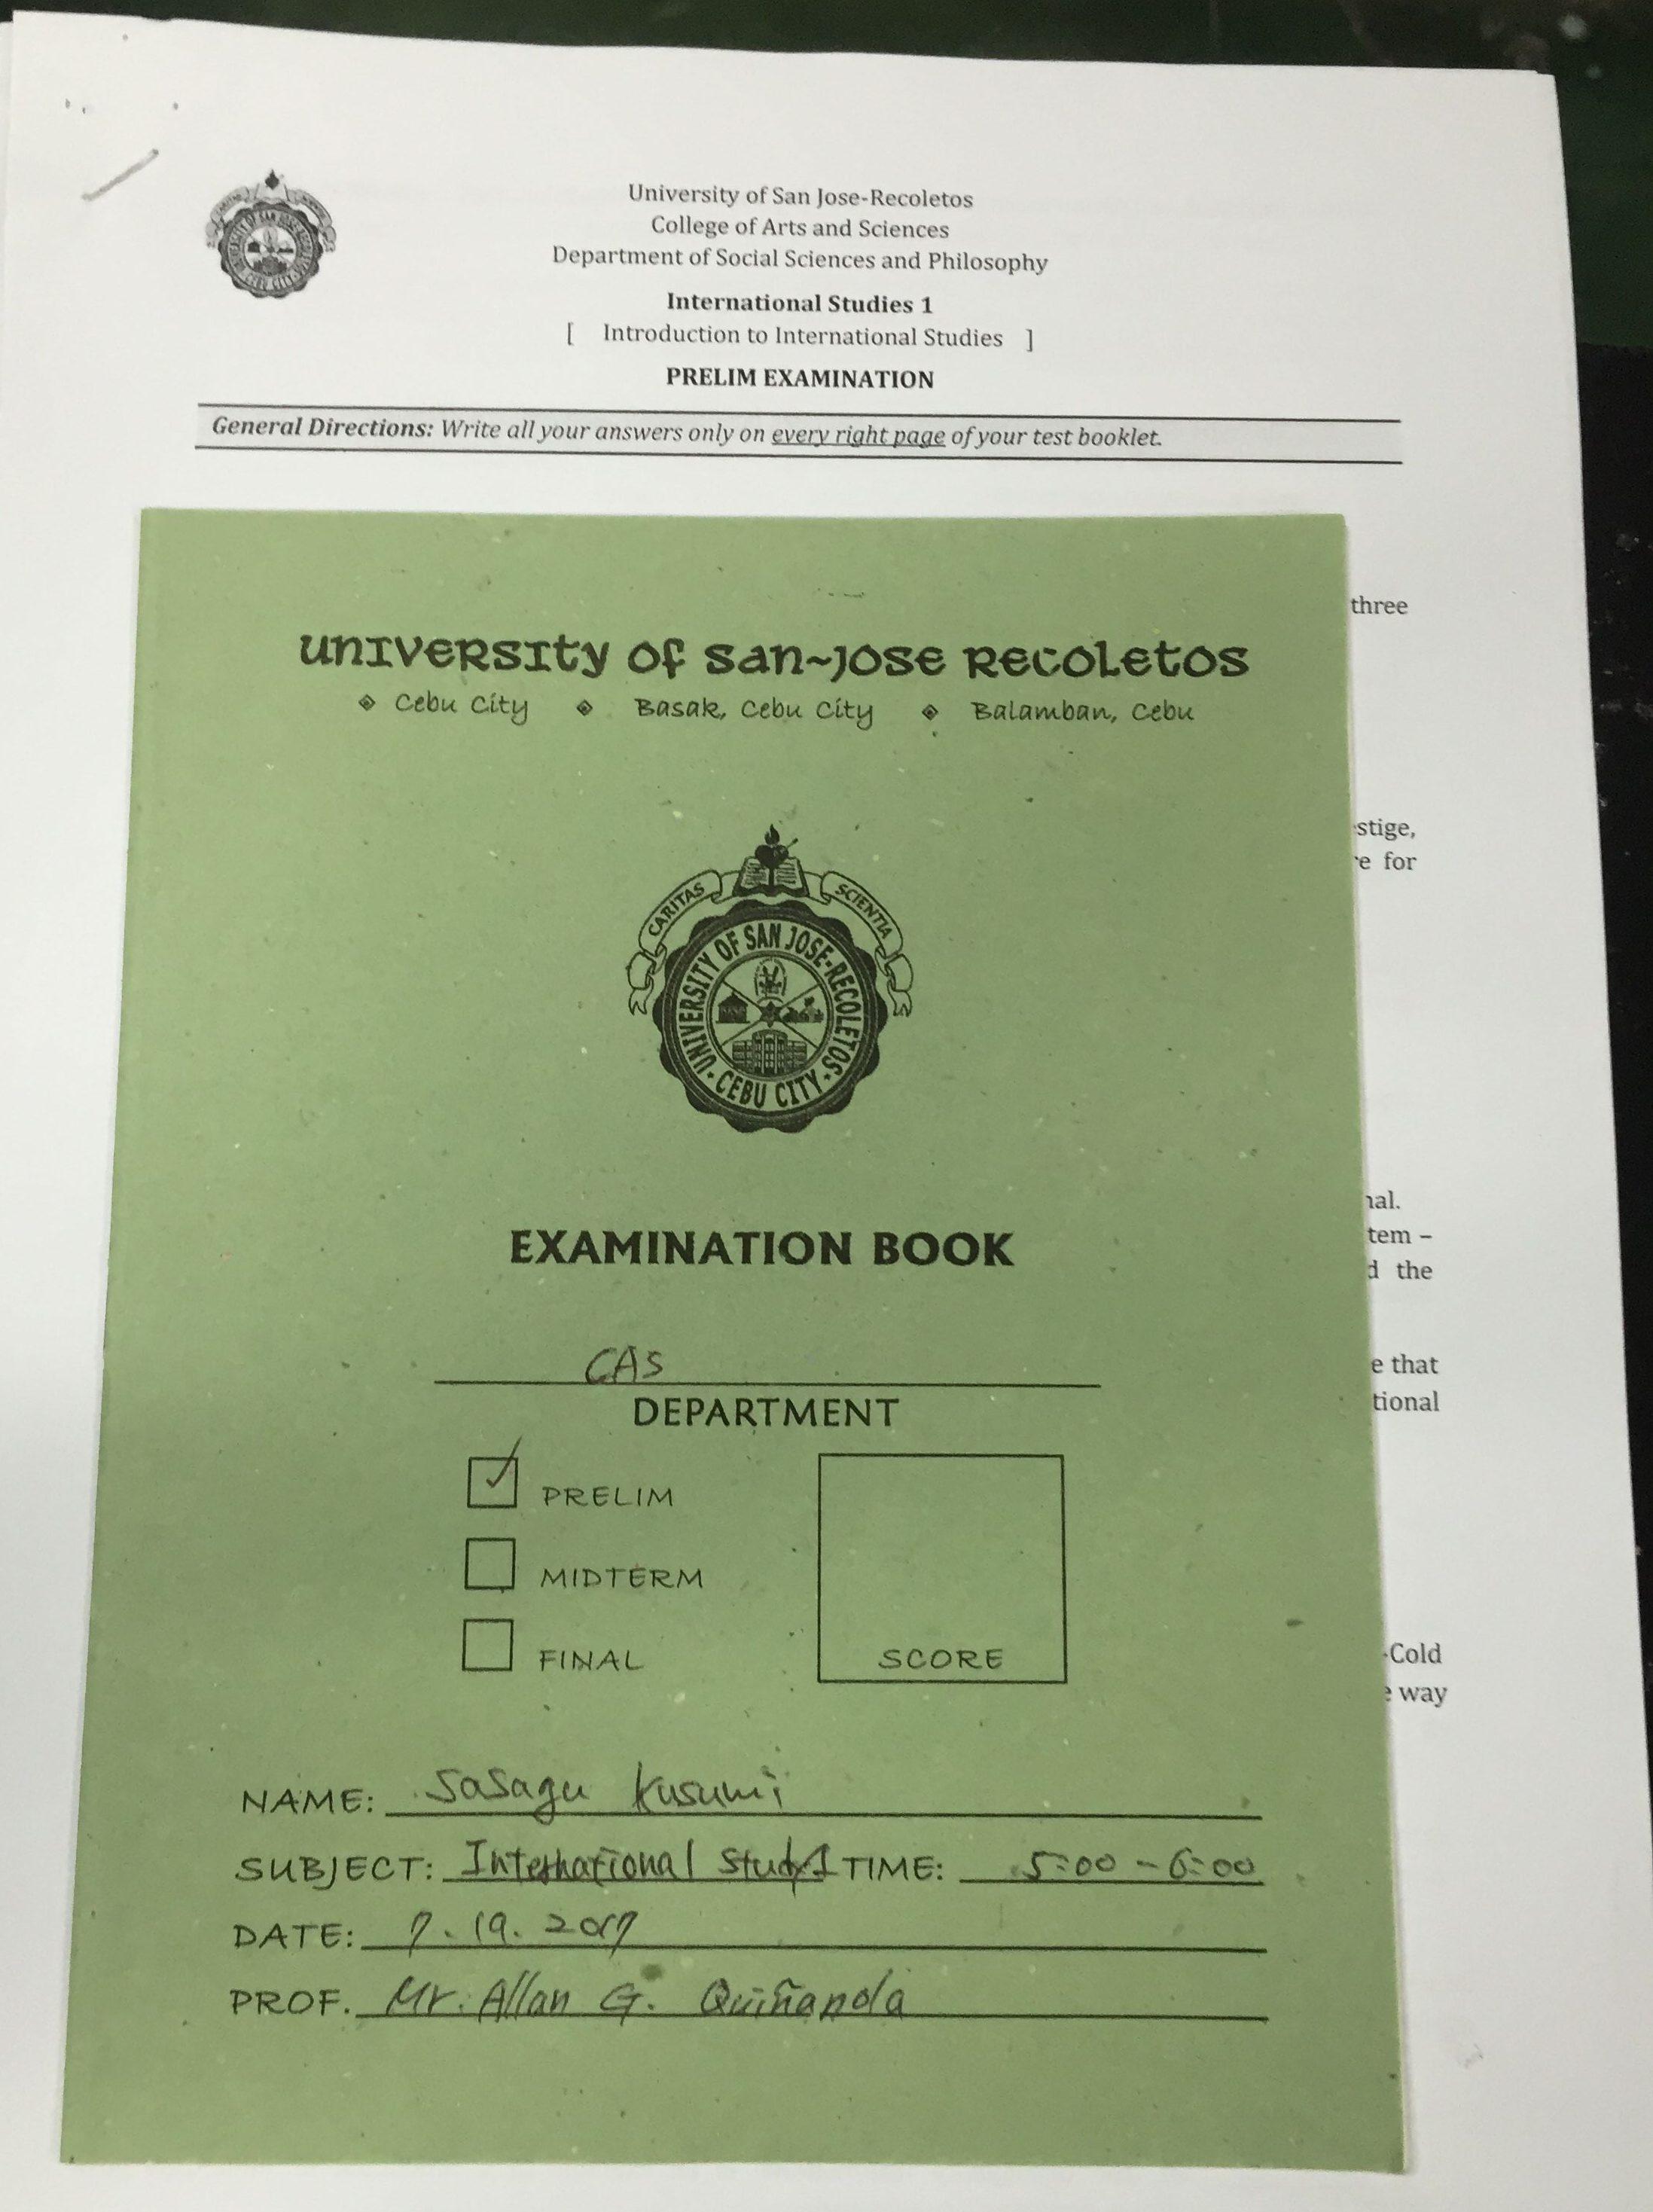 サンホセ大学の試験用紙